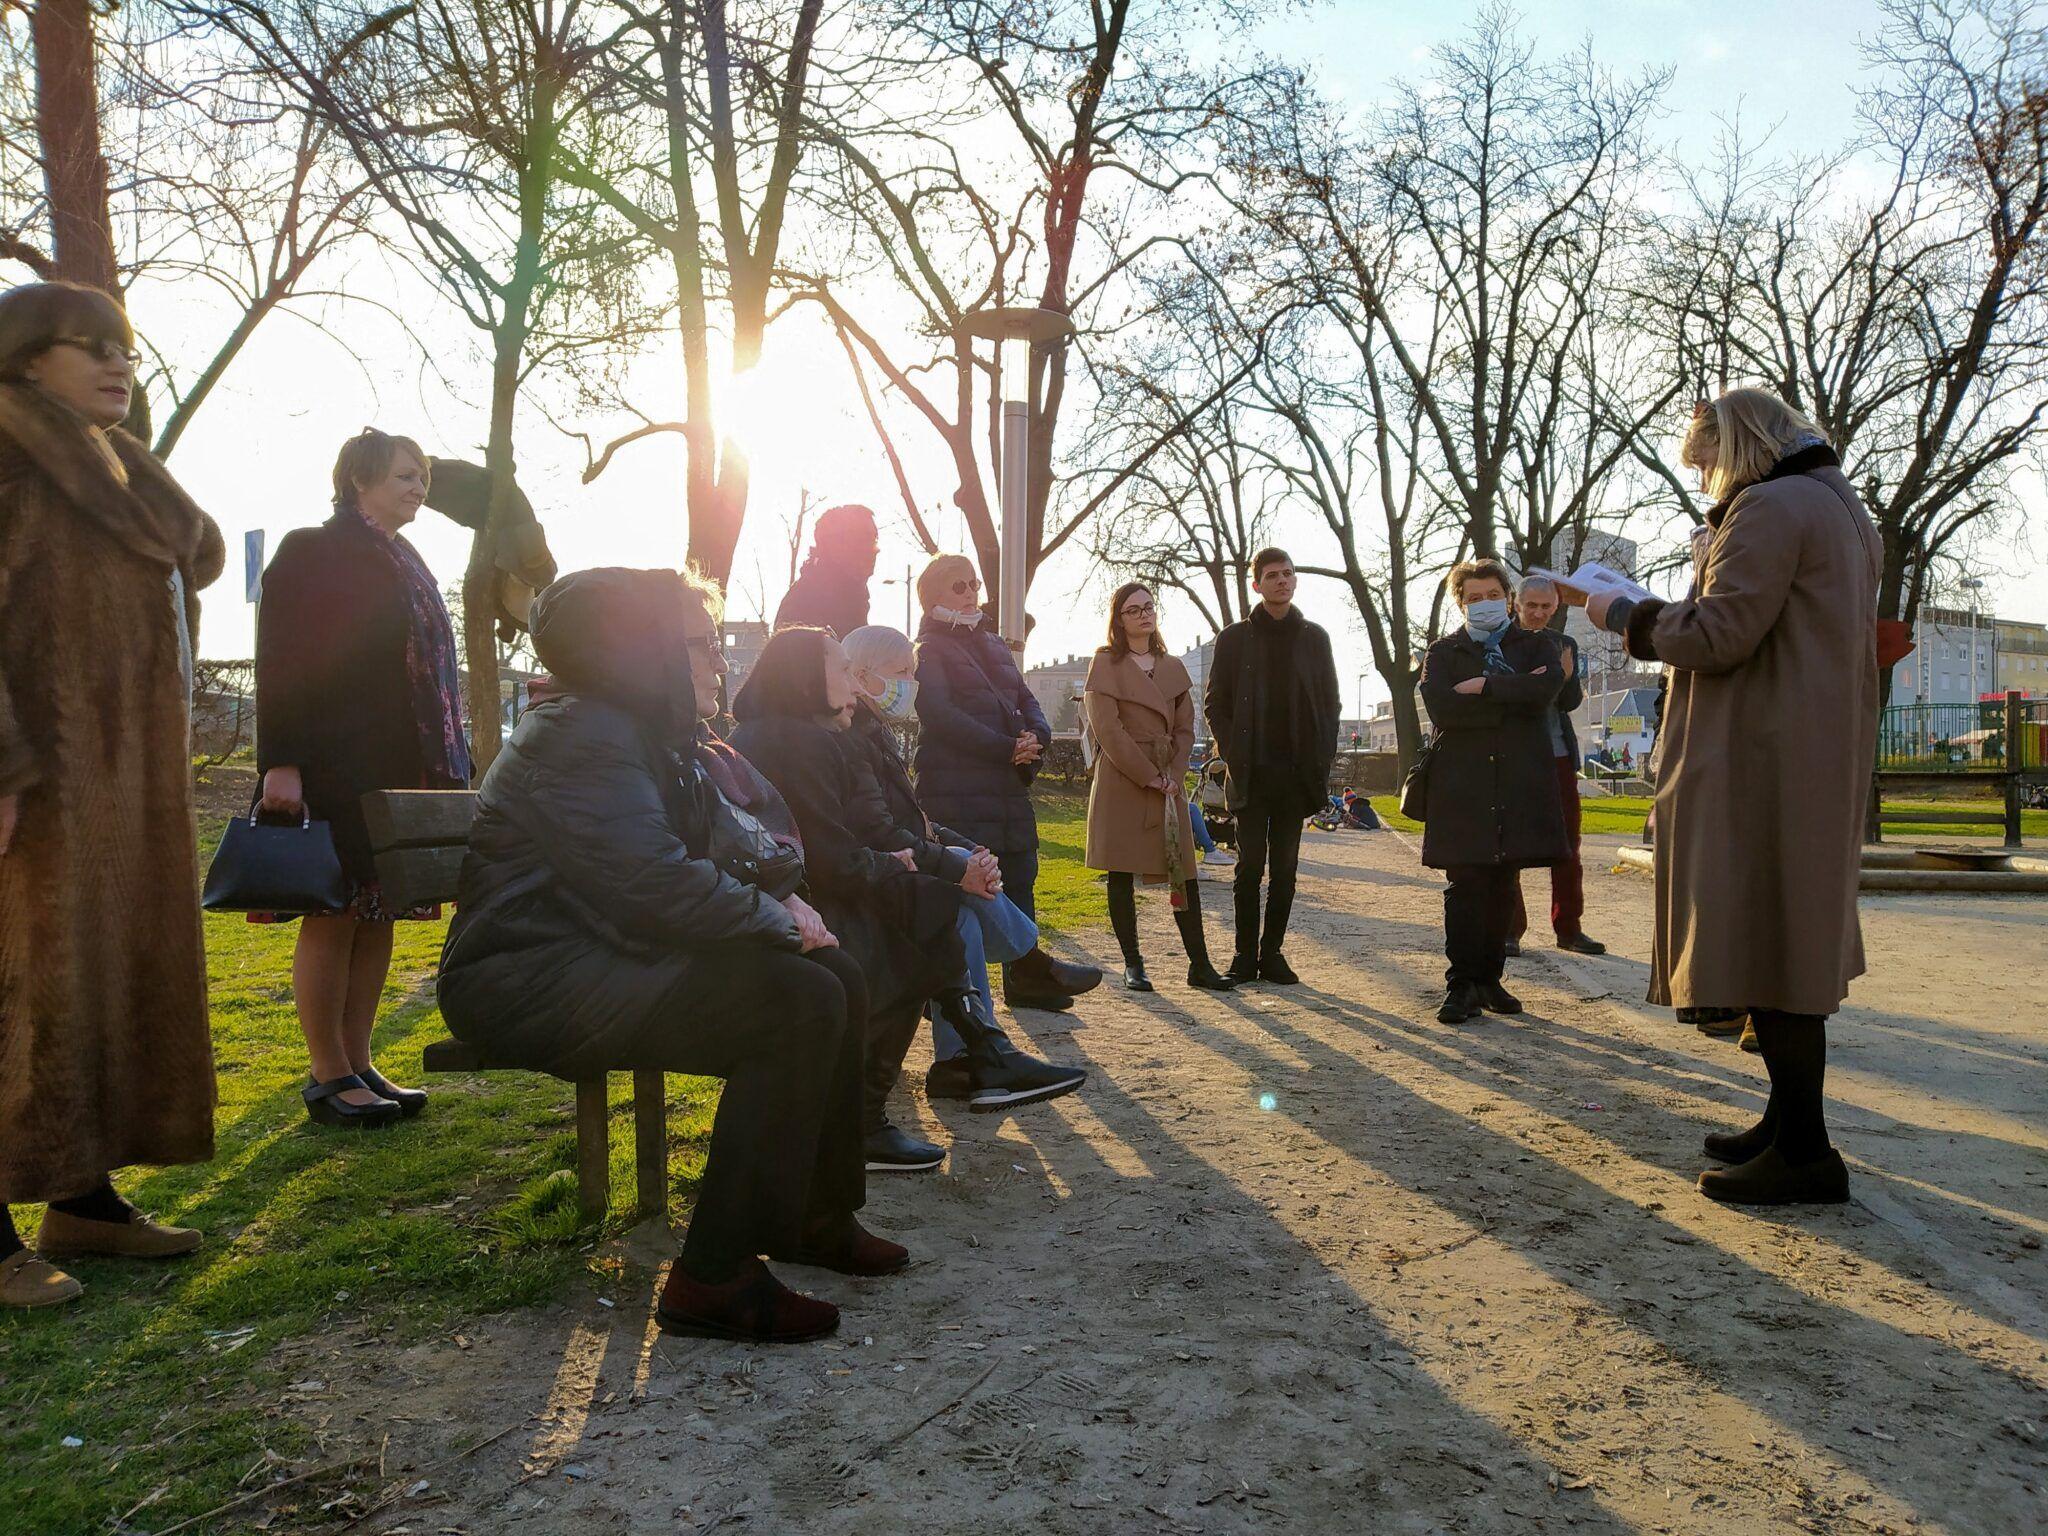 Trešnjevka se budi: Book corner u Milčecovom parku povodom Noći knjige – Svjetskog dana knjige